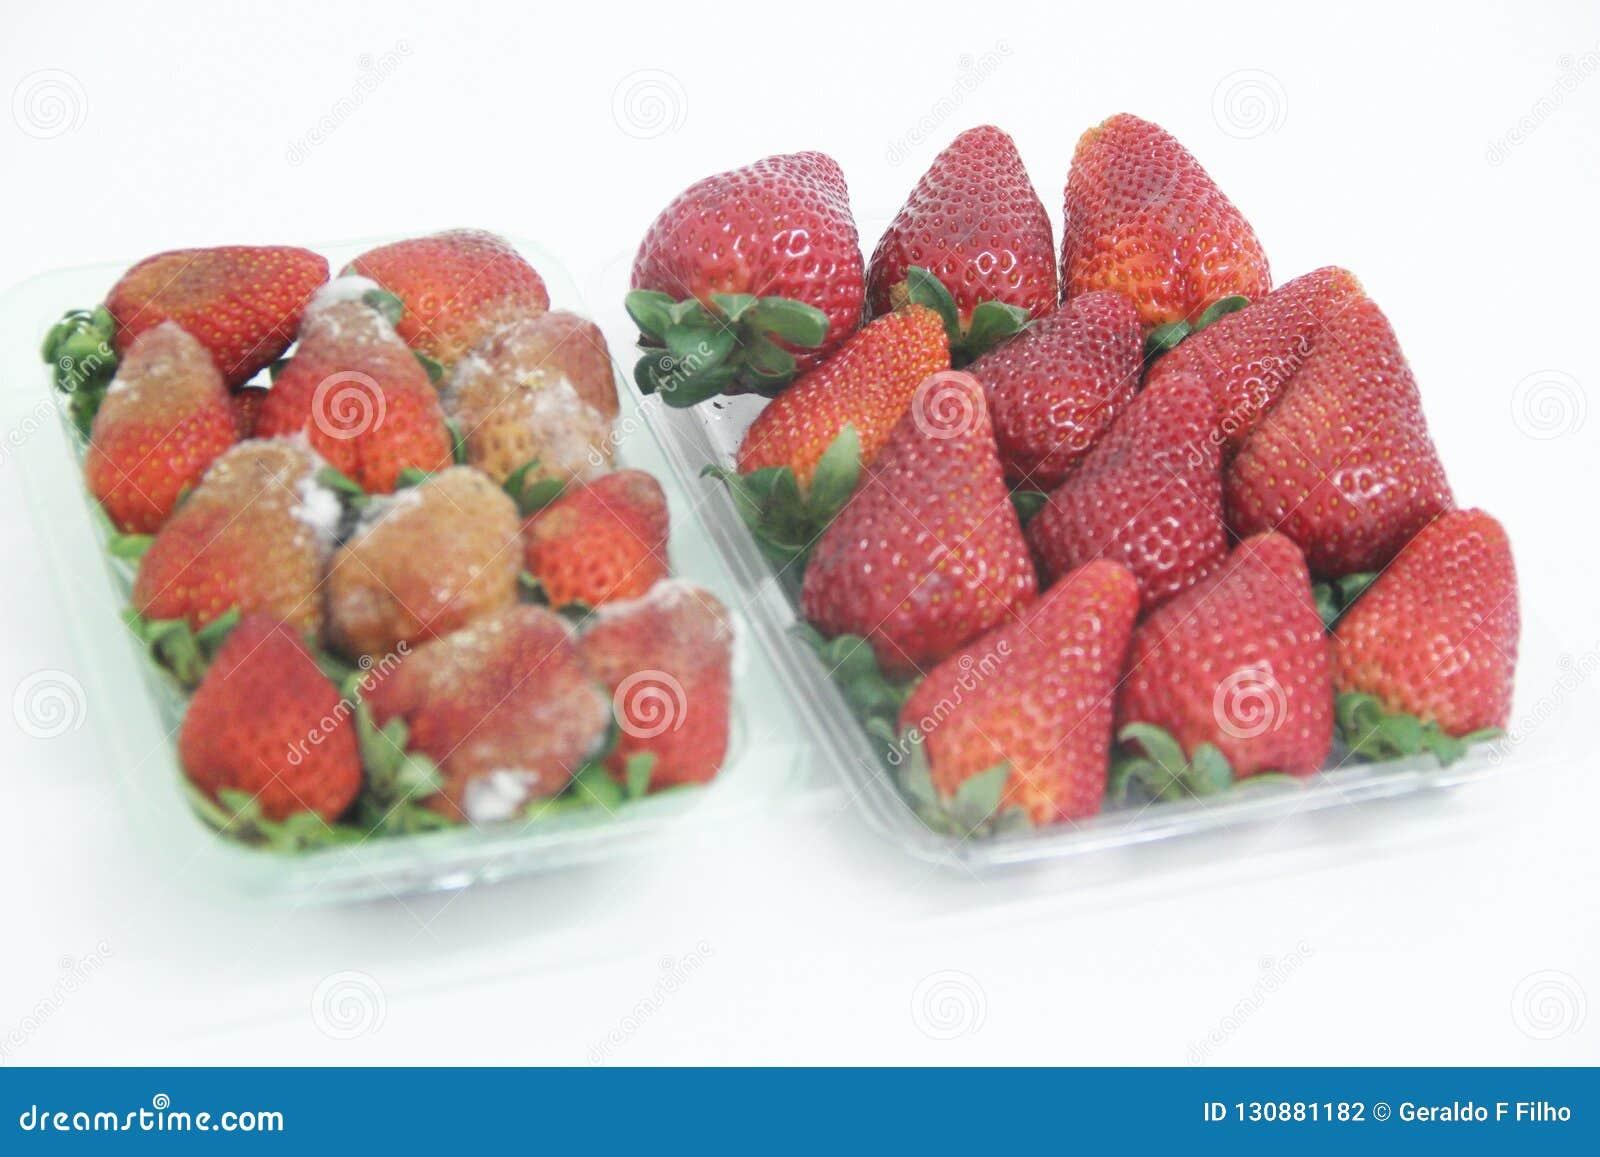 Sao saõ delicioso isolado agricultura Paulo Brazil do fruto do molde do alimento da morango